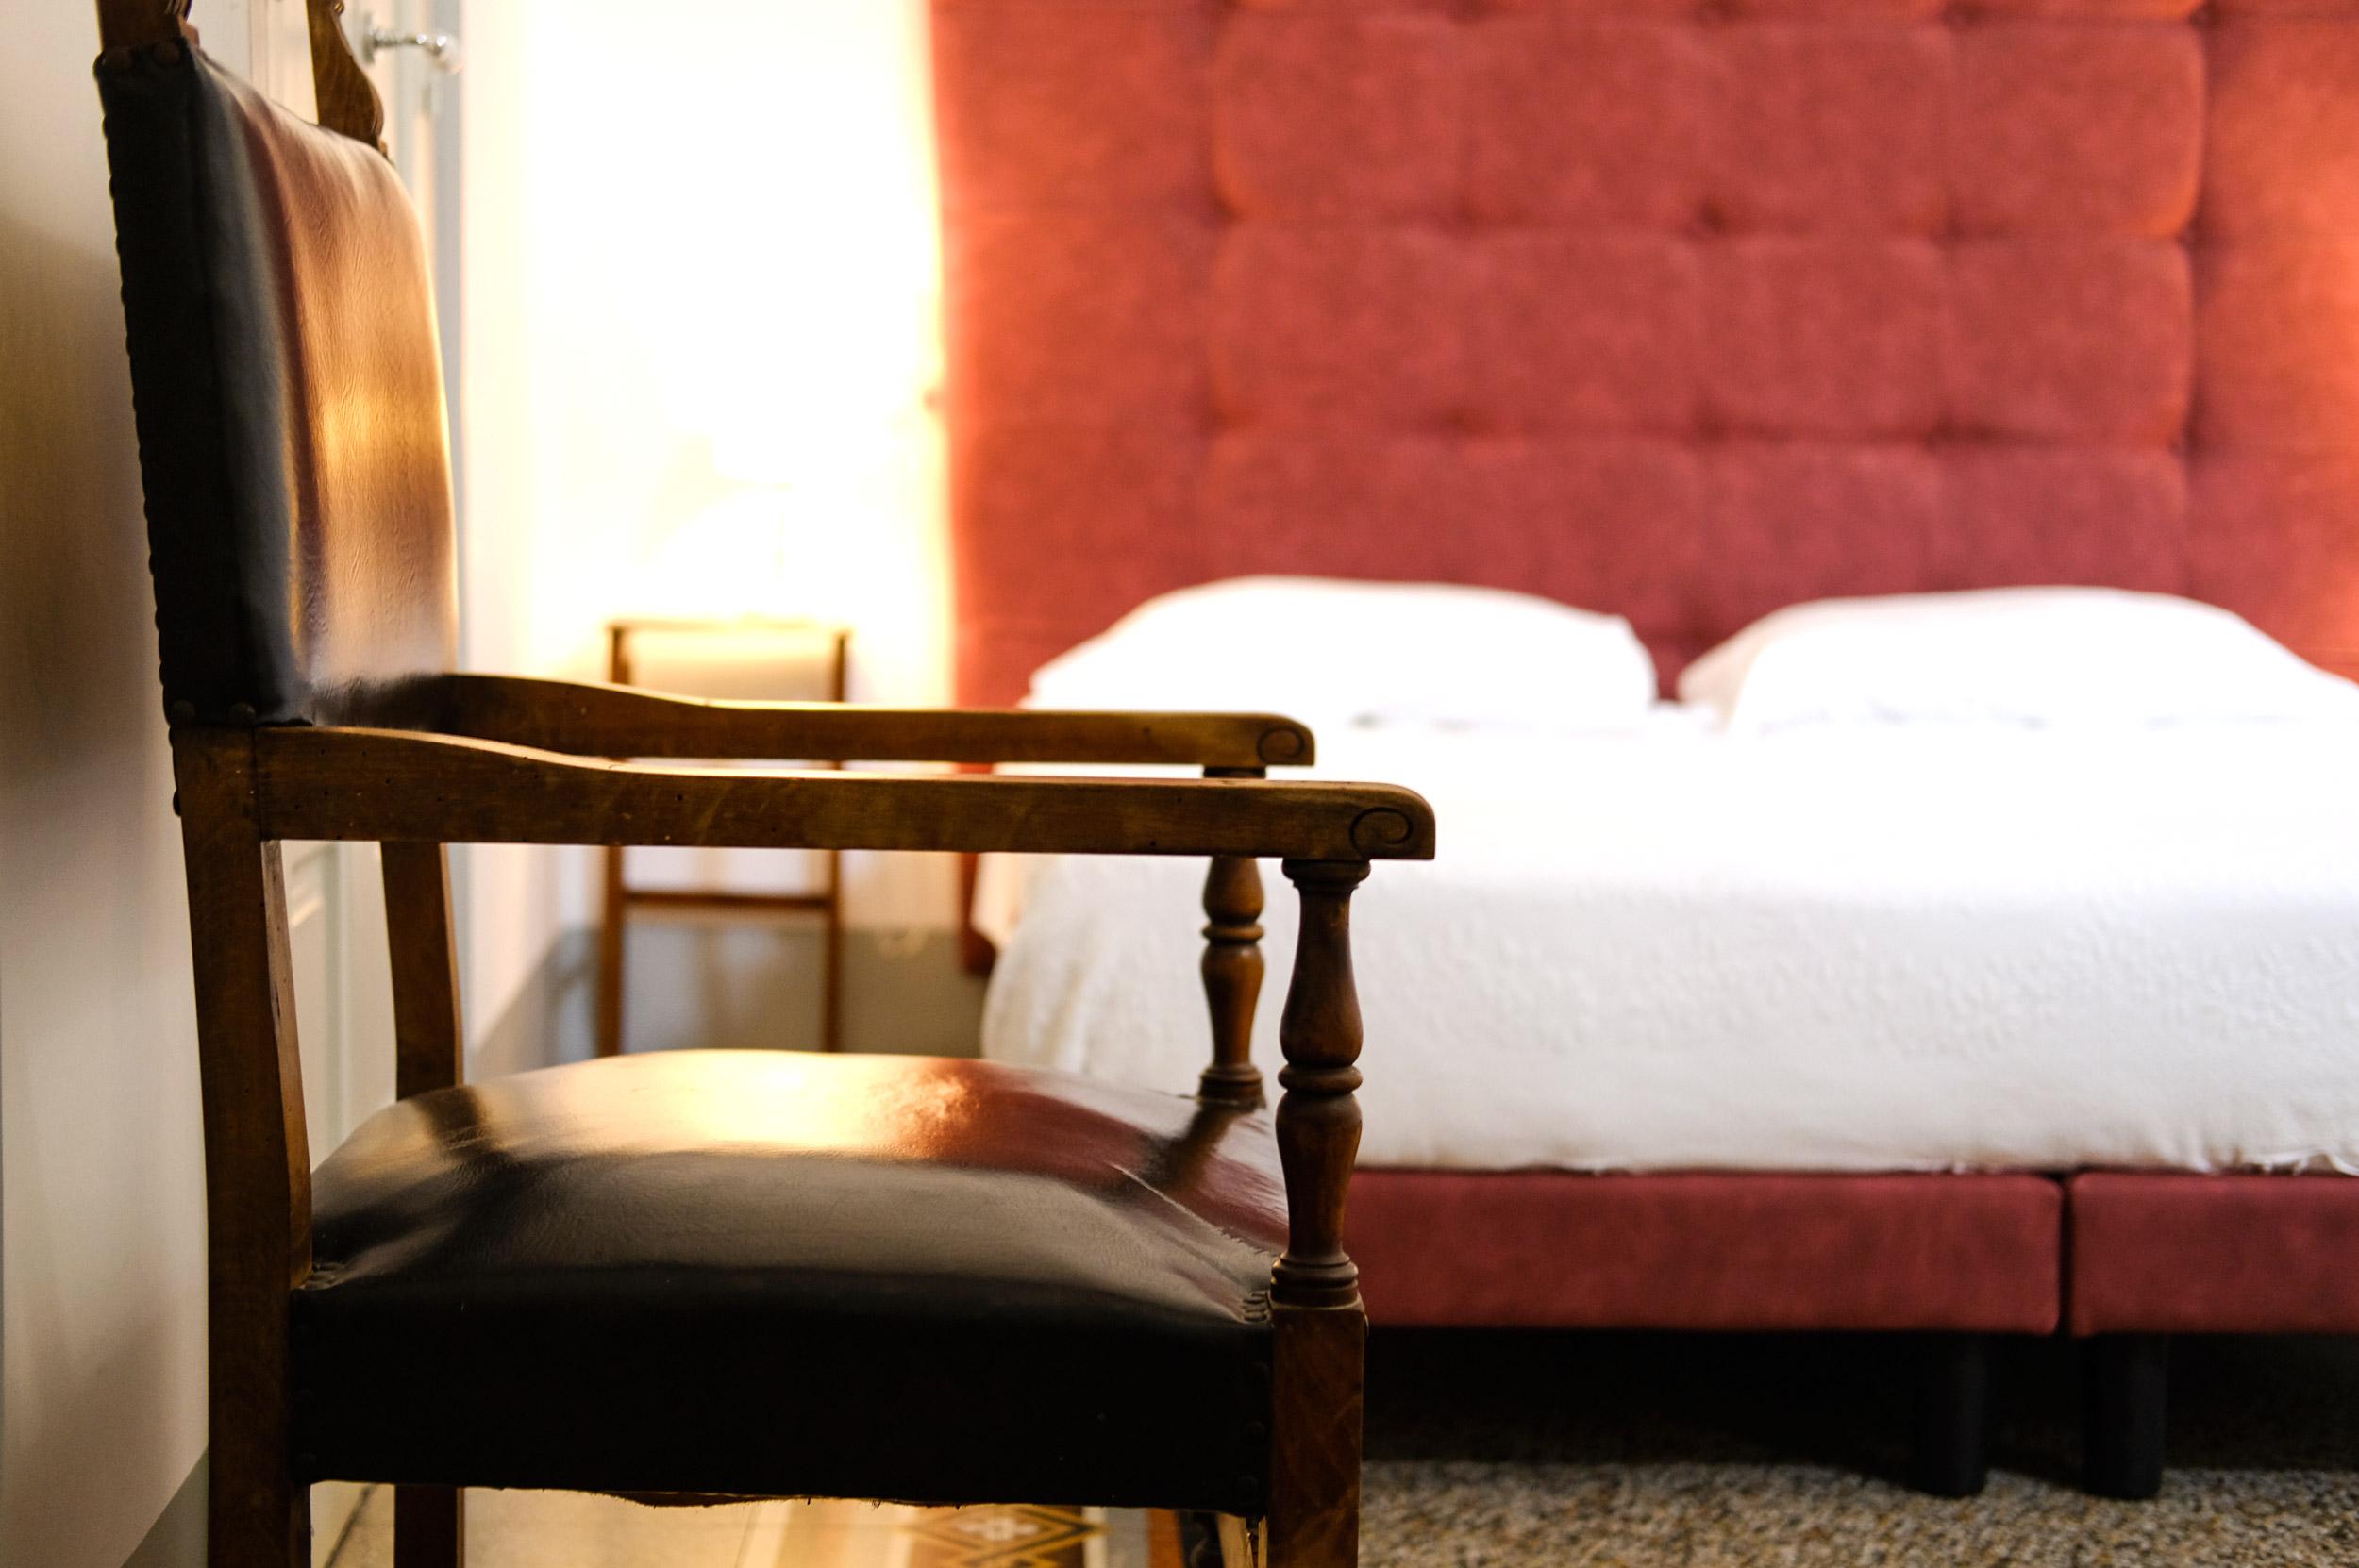 sedia-in-camera-da-letto-1